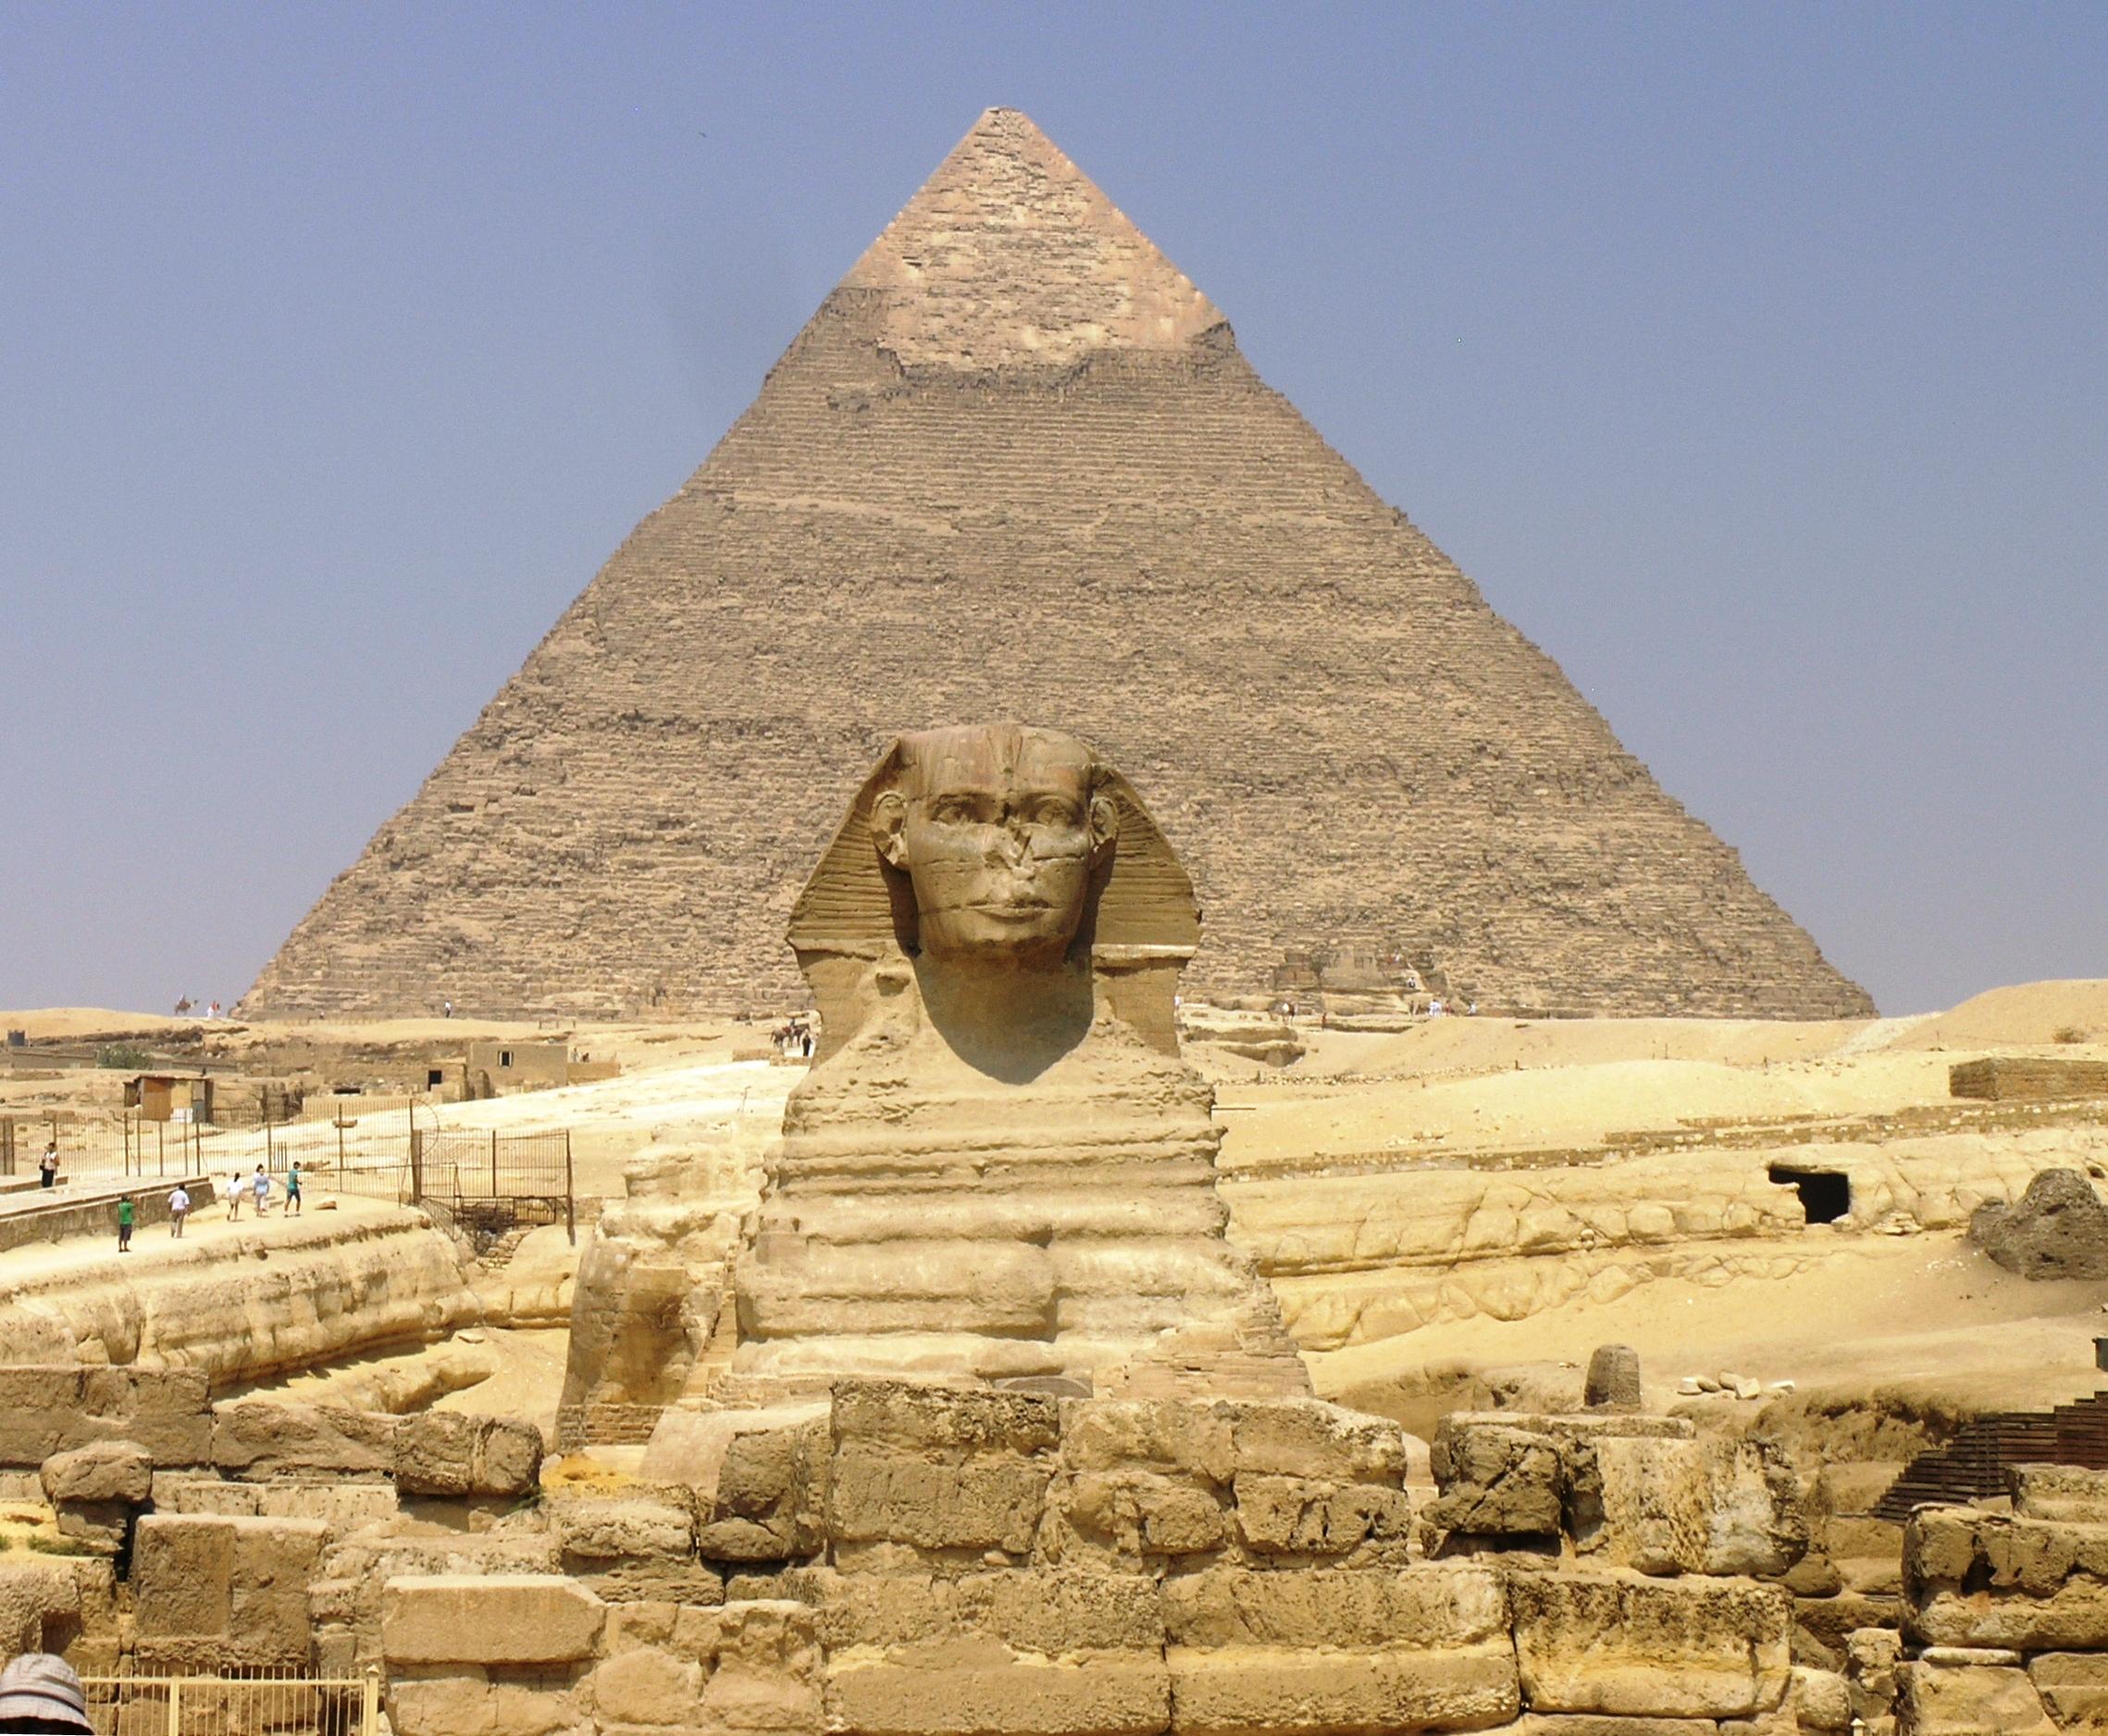 شاهد 12 مكان من أشهر المعالم السياحية في مصر المسافر العربي